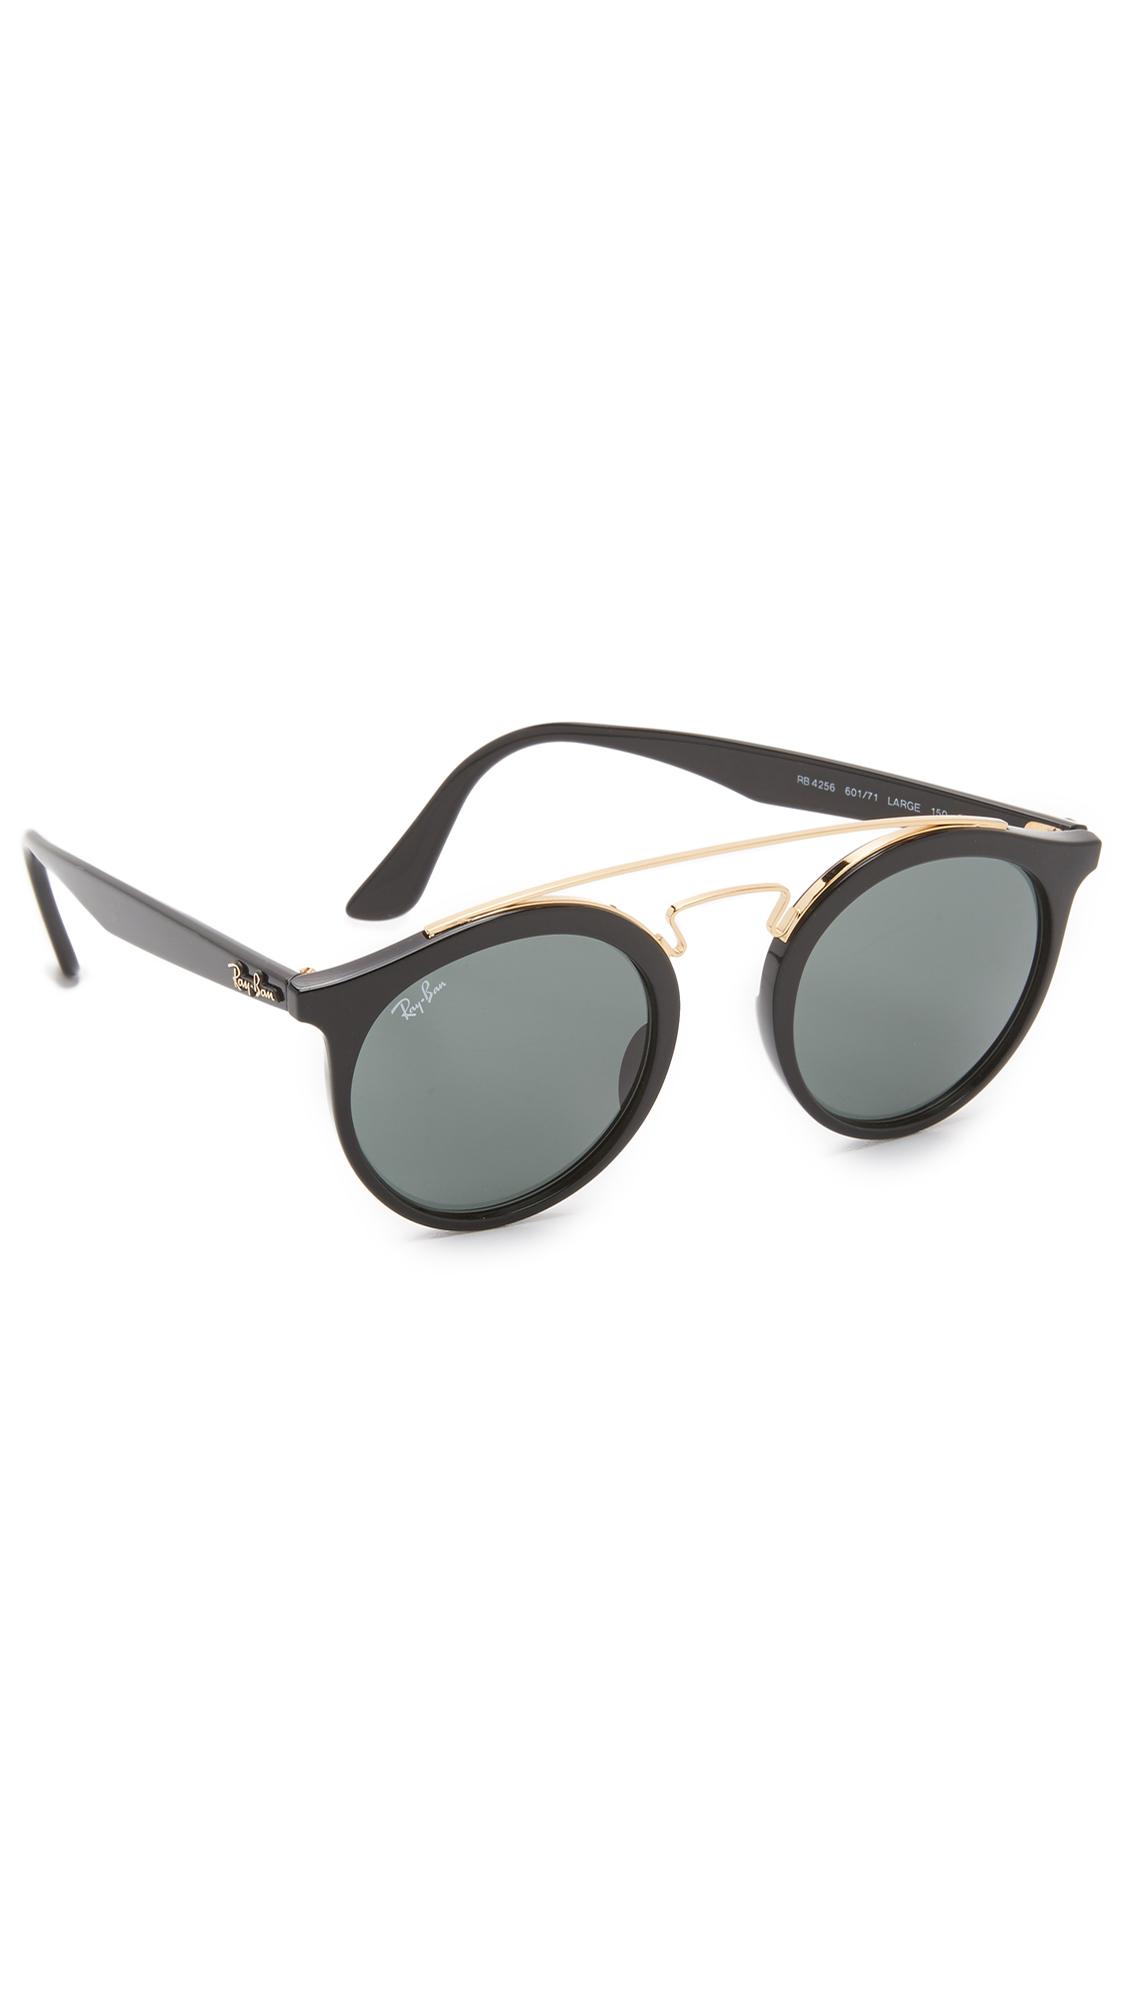 a8e25f0681 Lyst - Ray-Ban Double Bridge Round Sunglasses in Gray for Men